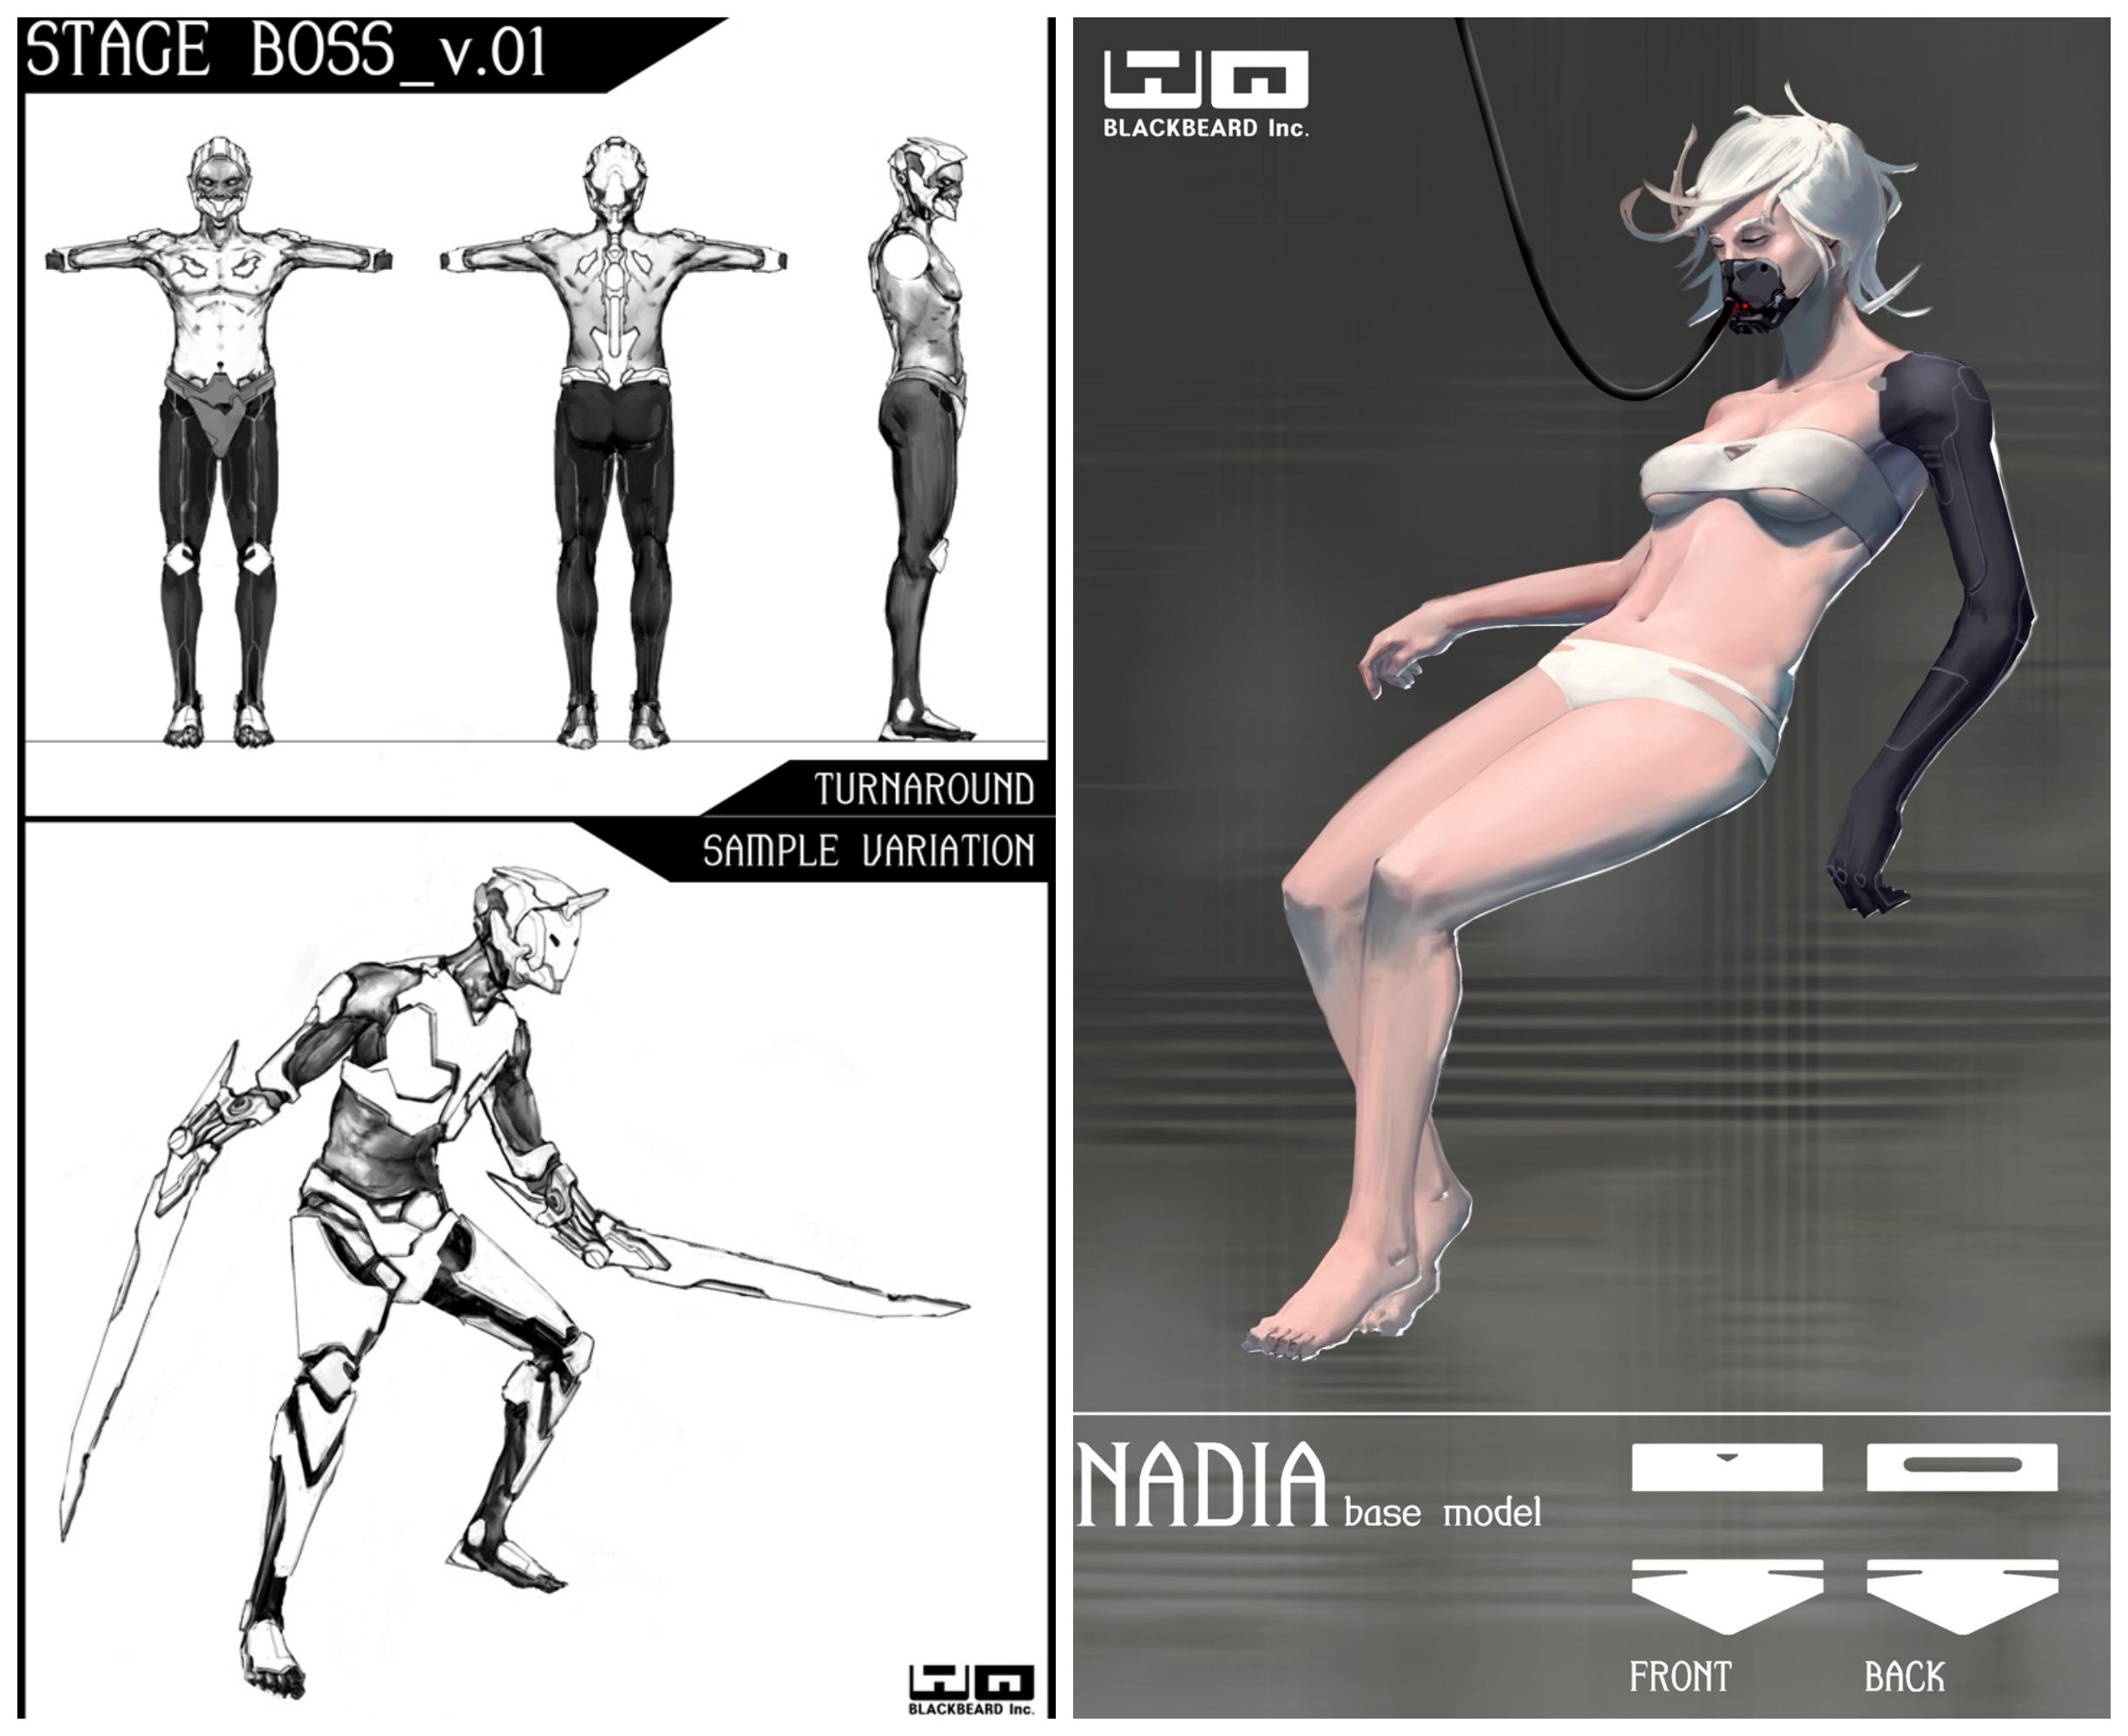 액션RPG 모바일게임 '디스토피아'의 캐릭터 컨셉 일러스트